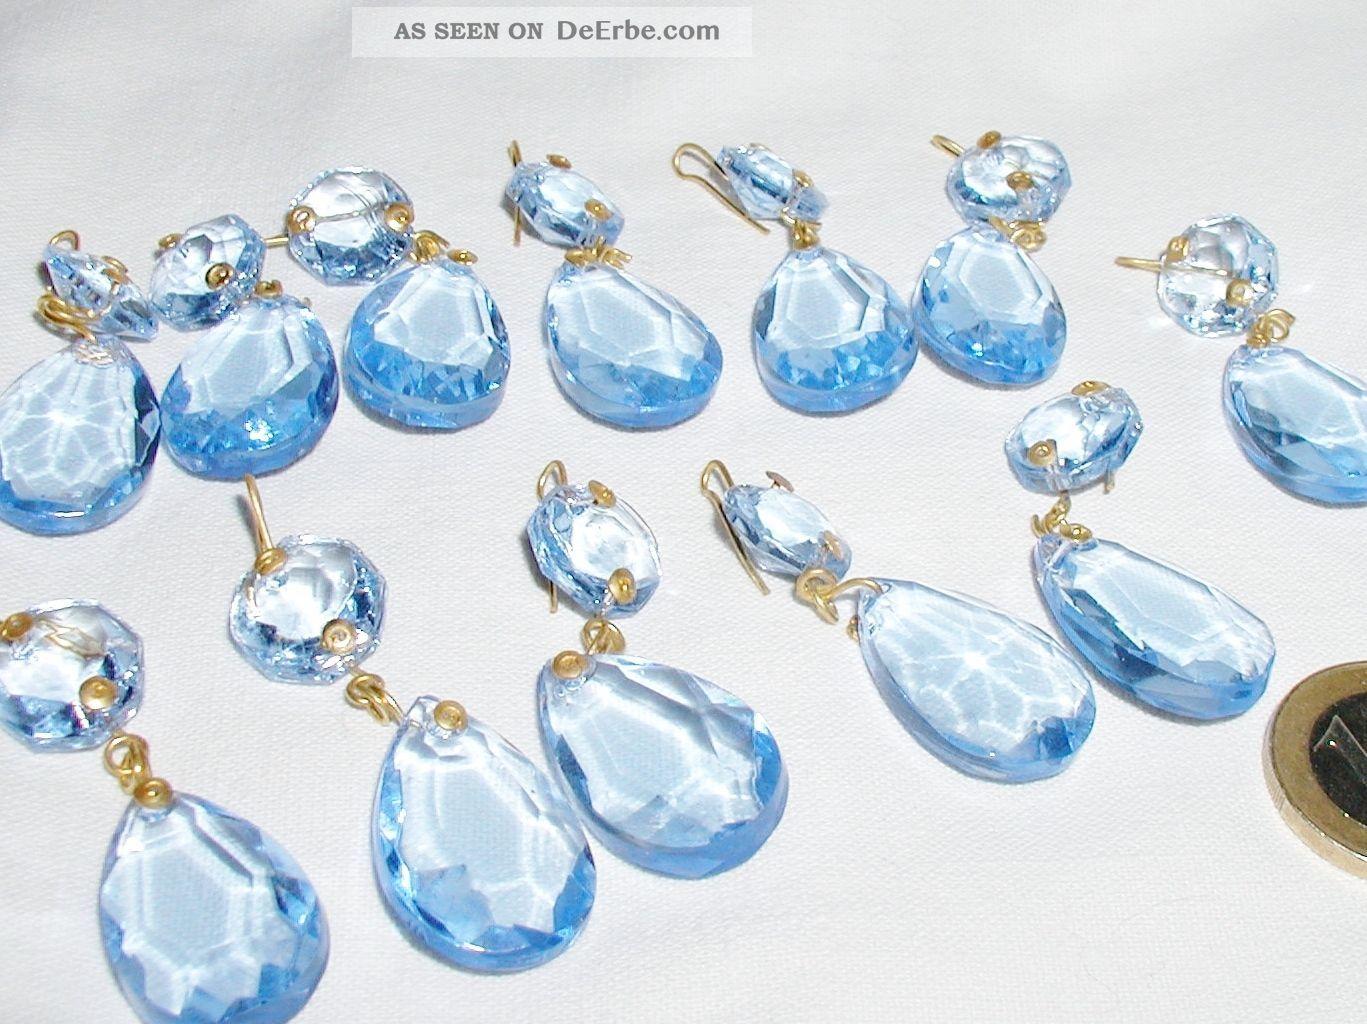 Kronleuchter Behang ~ Lüster kronleuchter prismen behang himmelblau glas stück